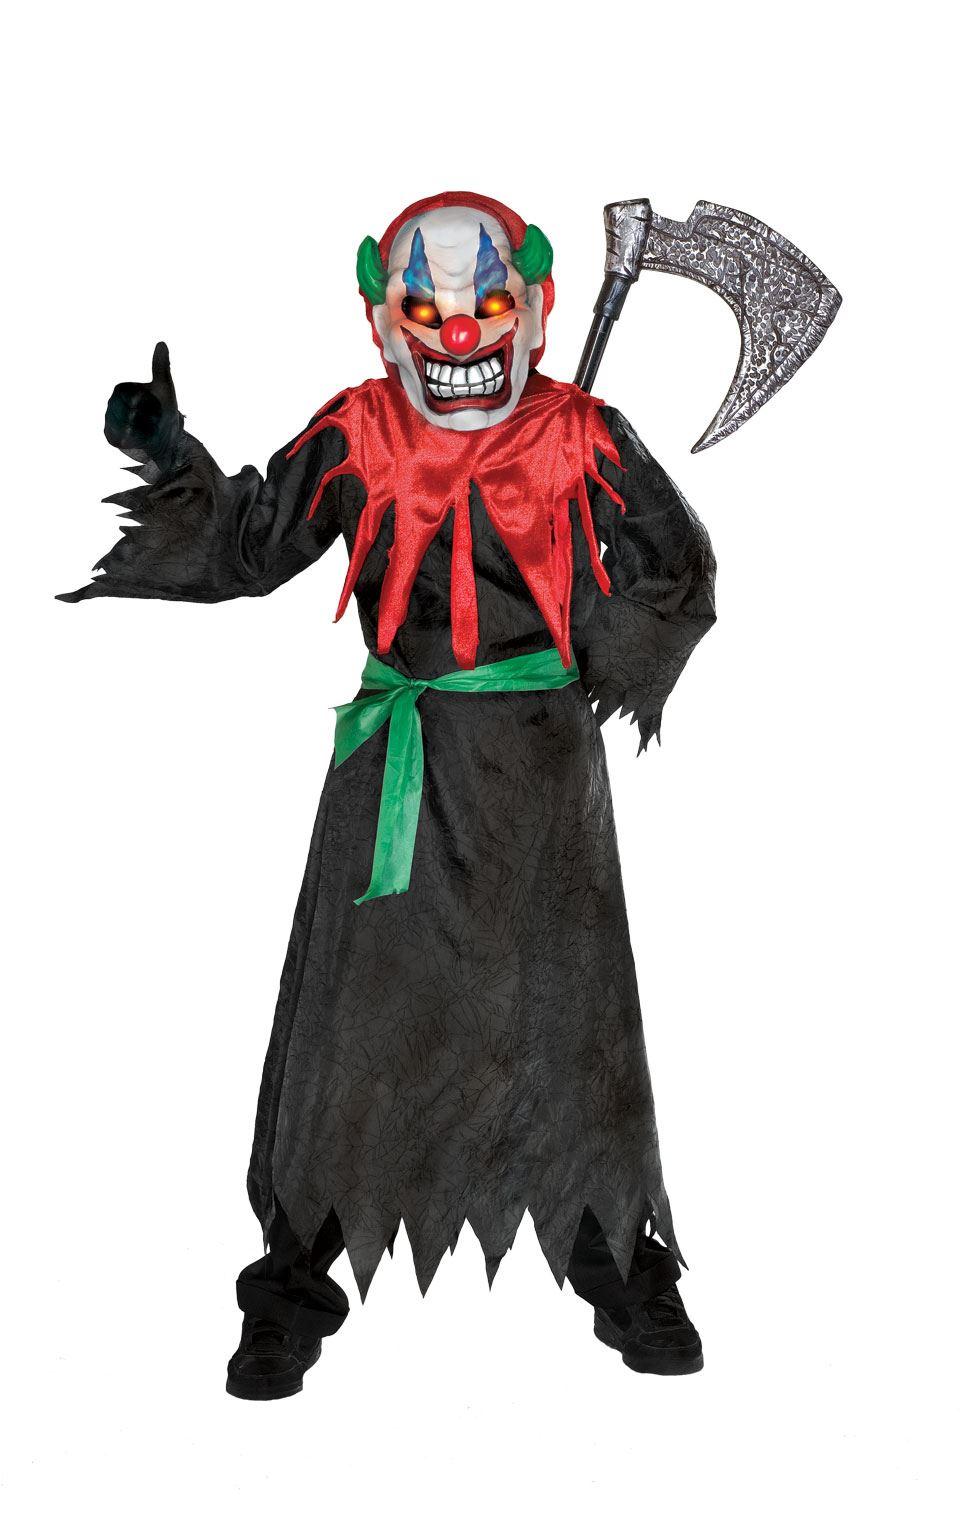 kids crazy clown costume boys girls halloween fancy dress light up